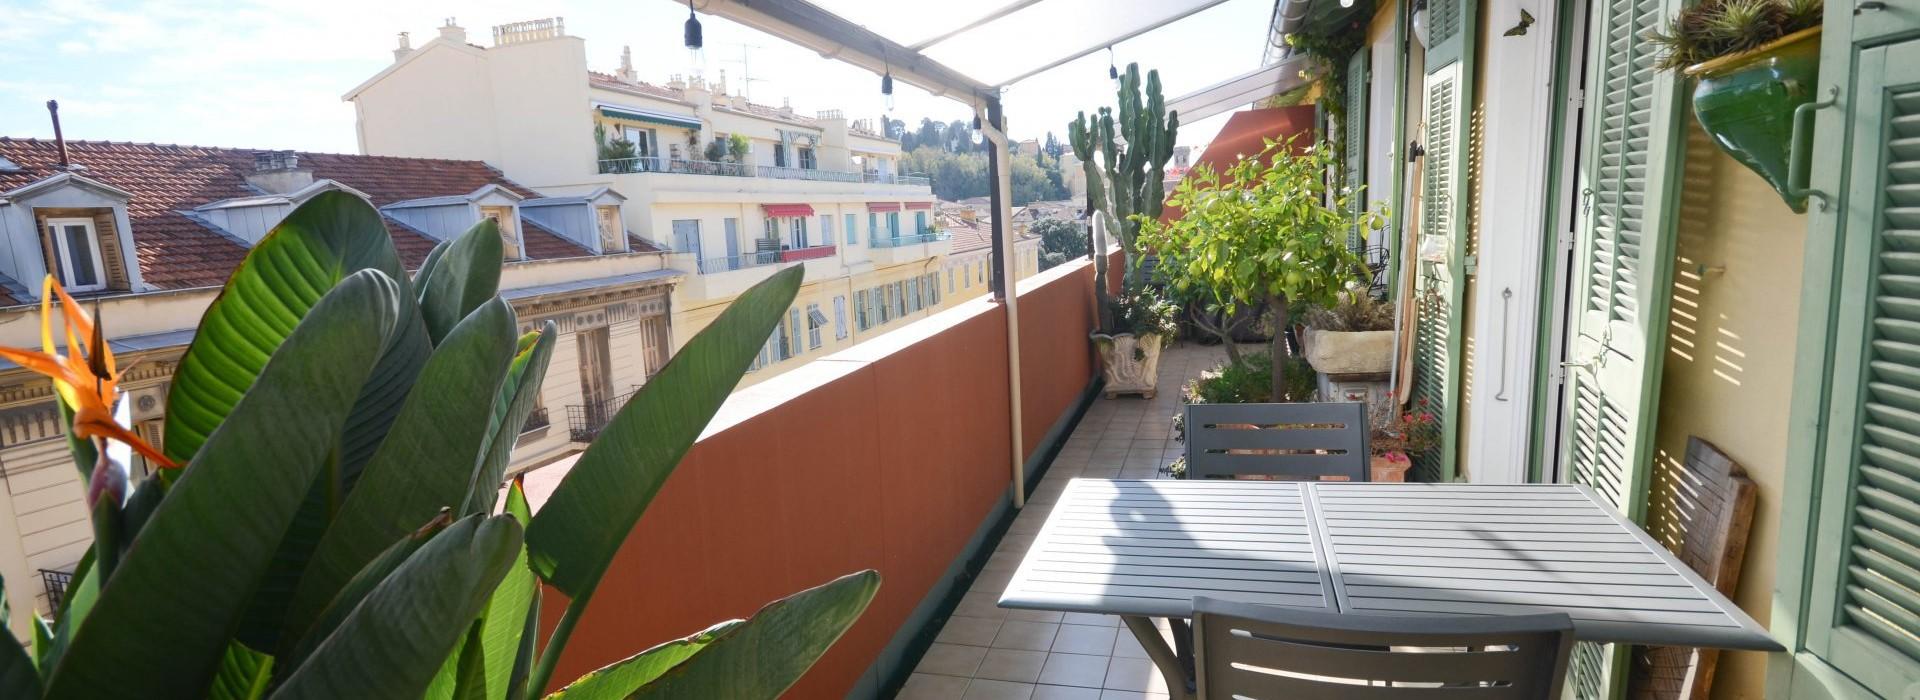 Appartement Nice 4 Pièces 91m2 499,000€